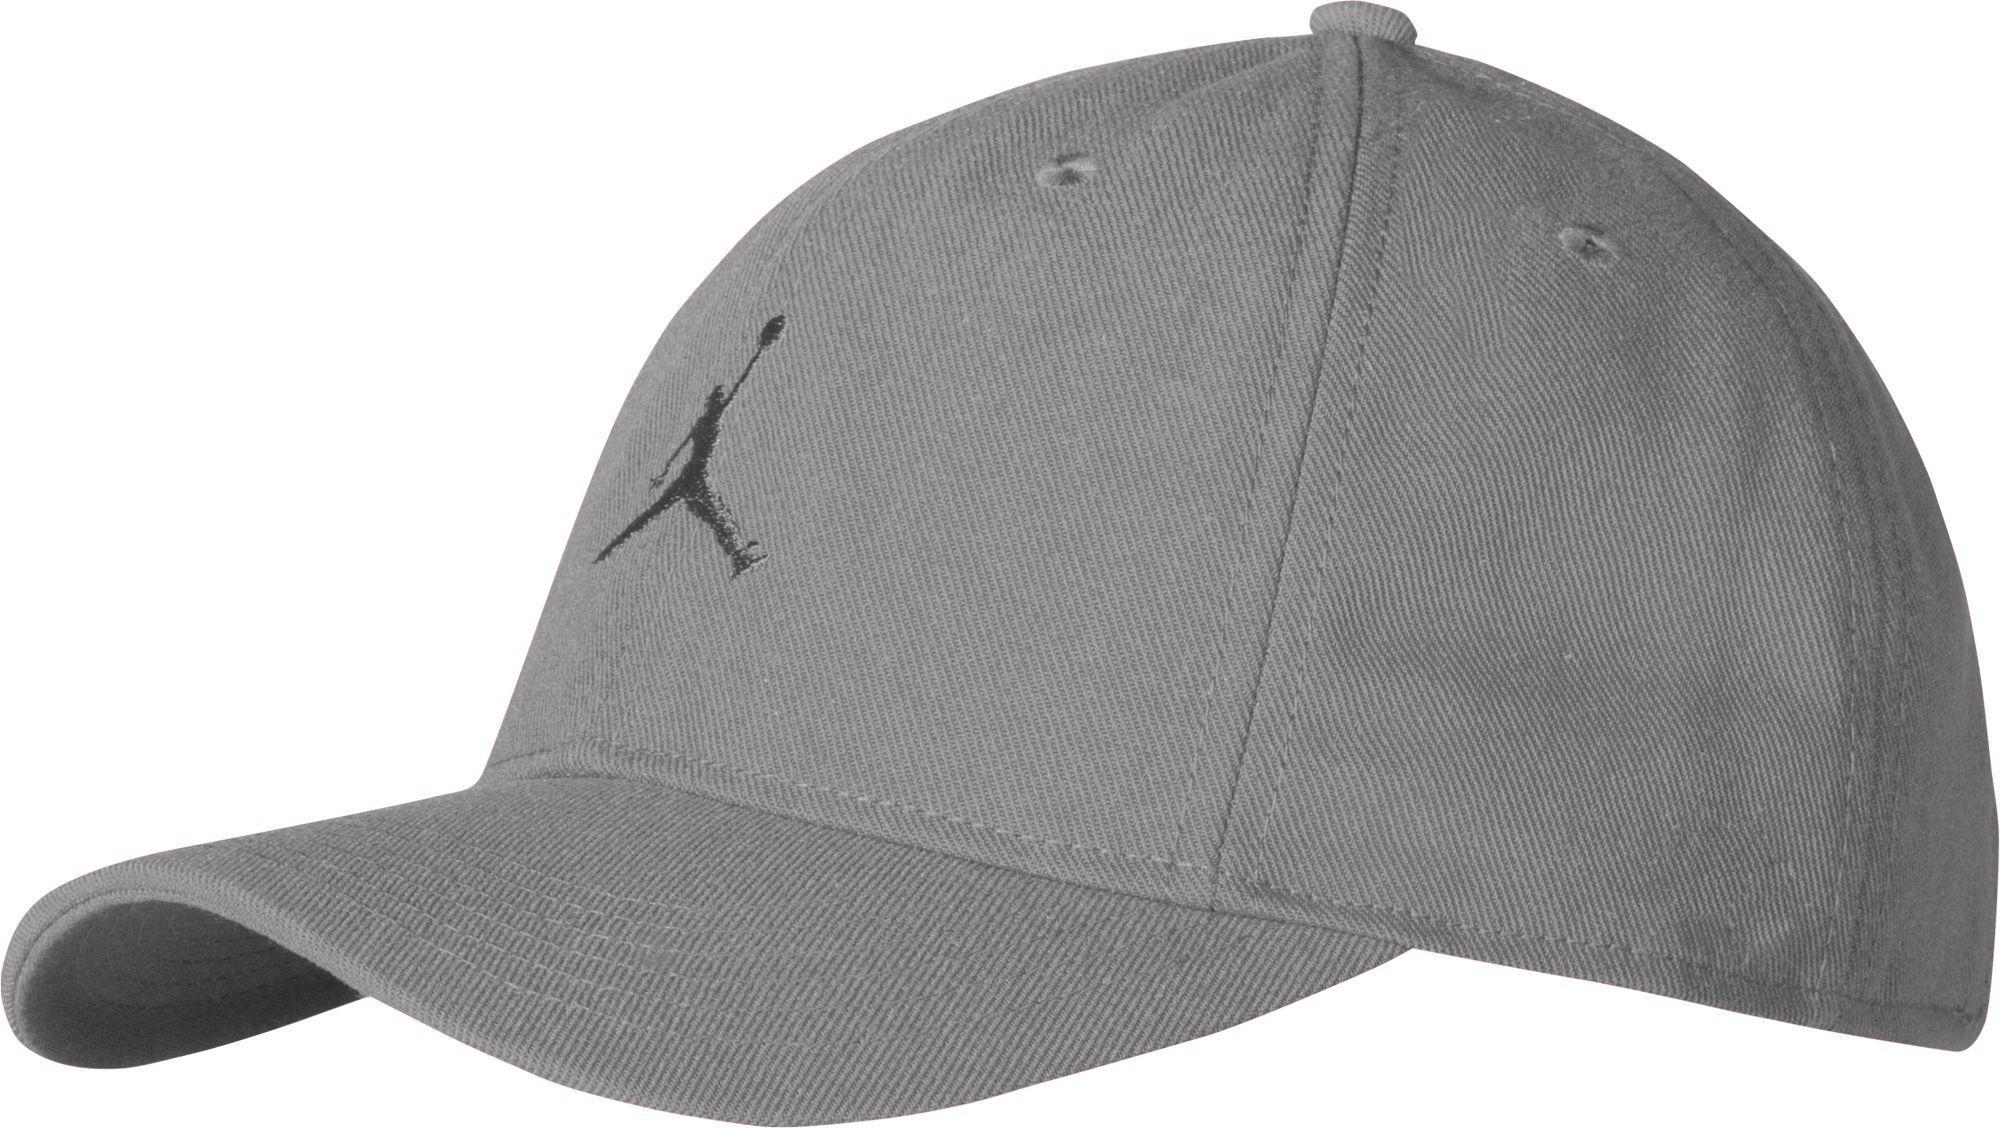 Lyst - Nike Jordan Boys  Jumpman Floppy Snapback Hat in Gray for Men c1804f859ec